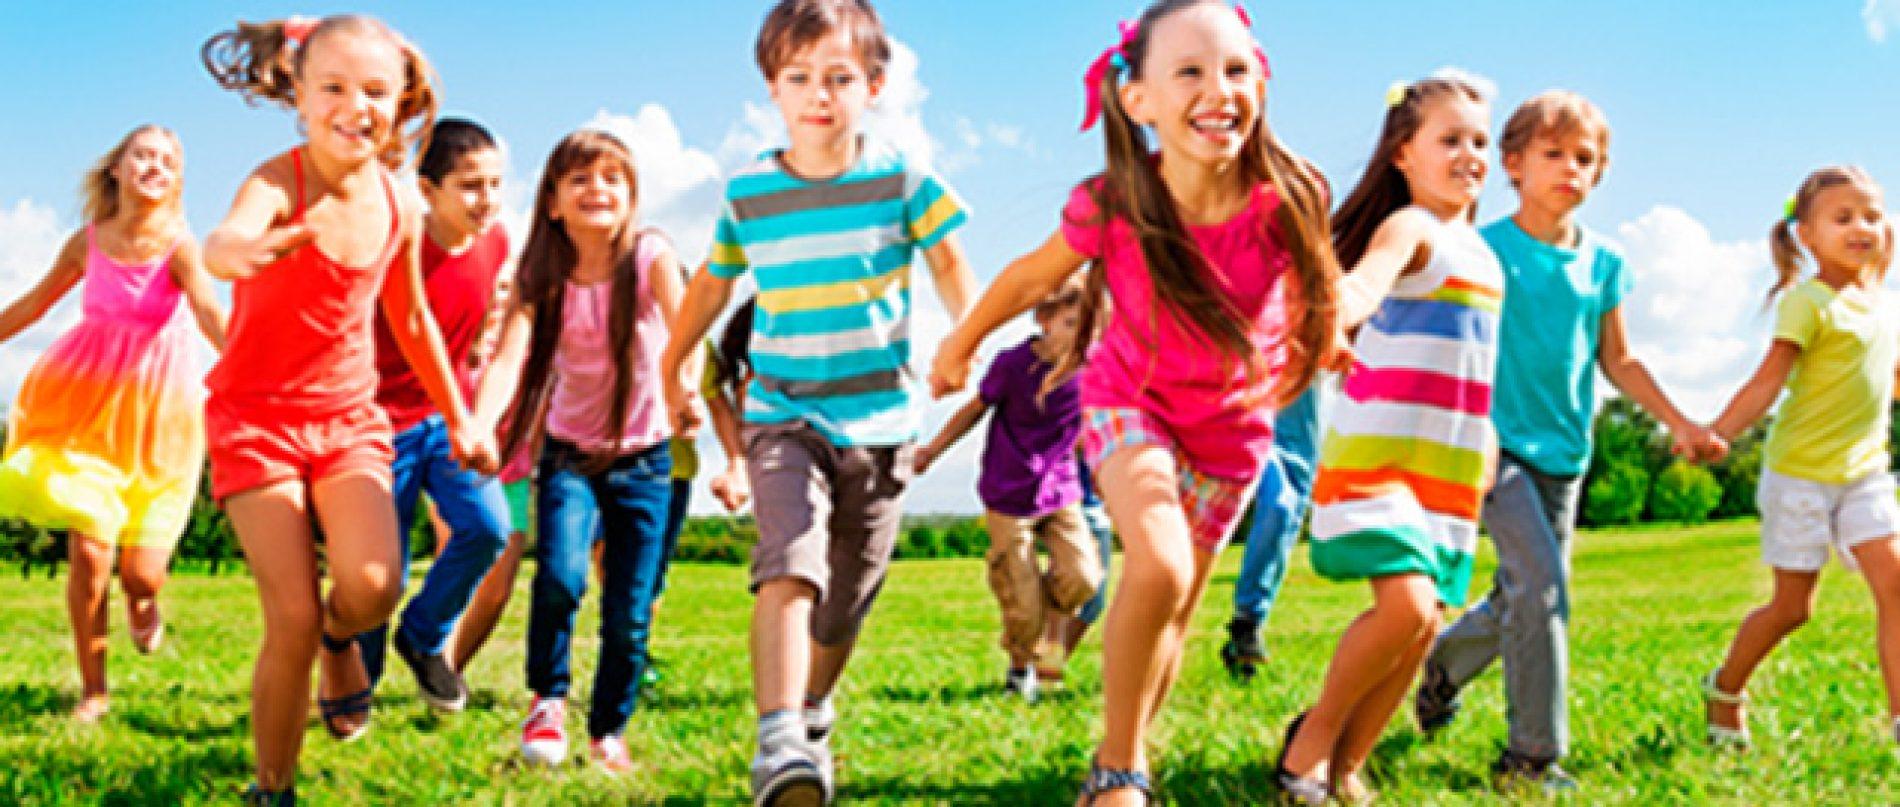 12 de Outubro : Abrace Camaçari realiza programação no Dia das Crianças